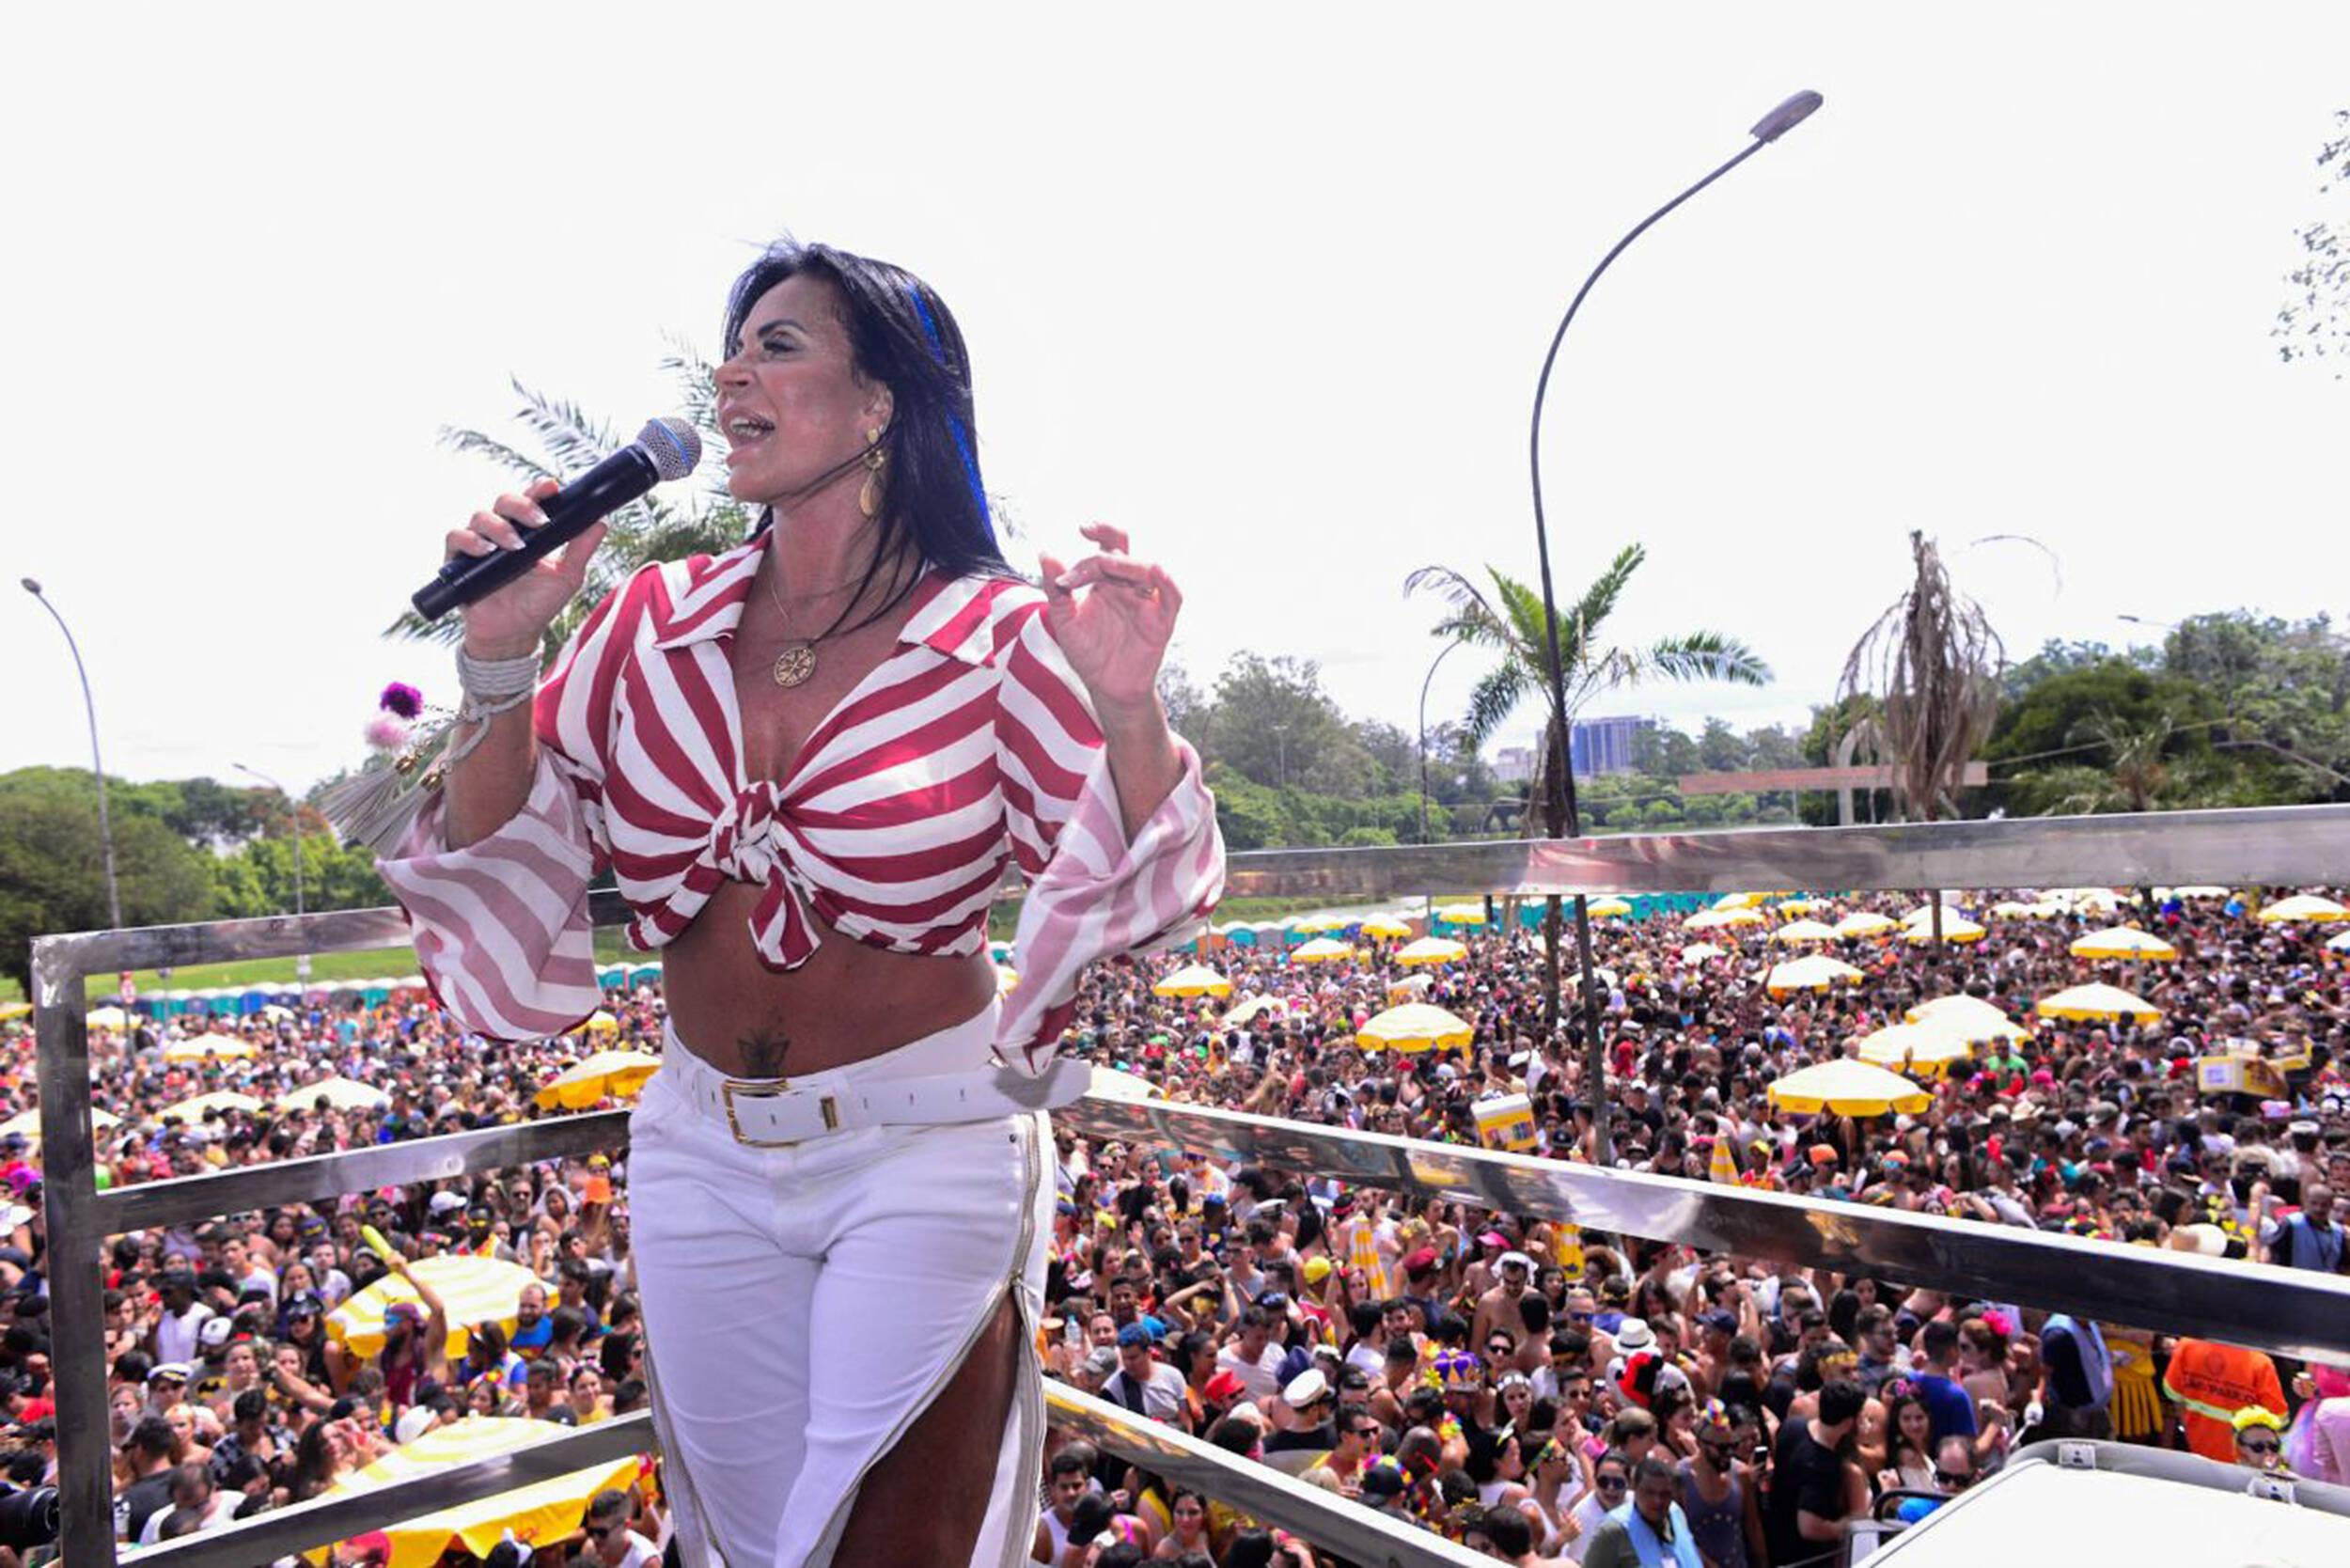 Gretchen foi coroada rainha do bloco Agrada Gregos, primeiro LGBT a desfilar no Ibirapuera, na tarde de sábado (10). Foto: Felipe Panfili/Divulgação